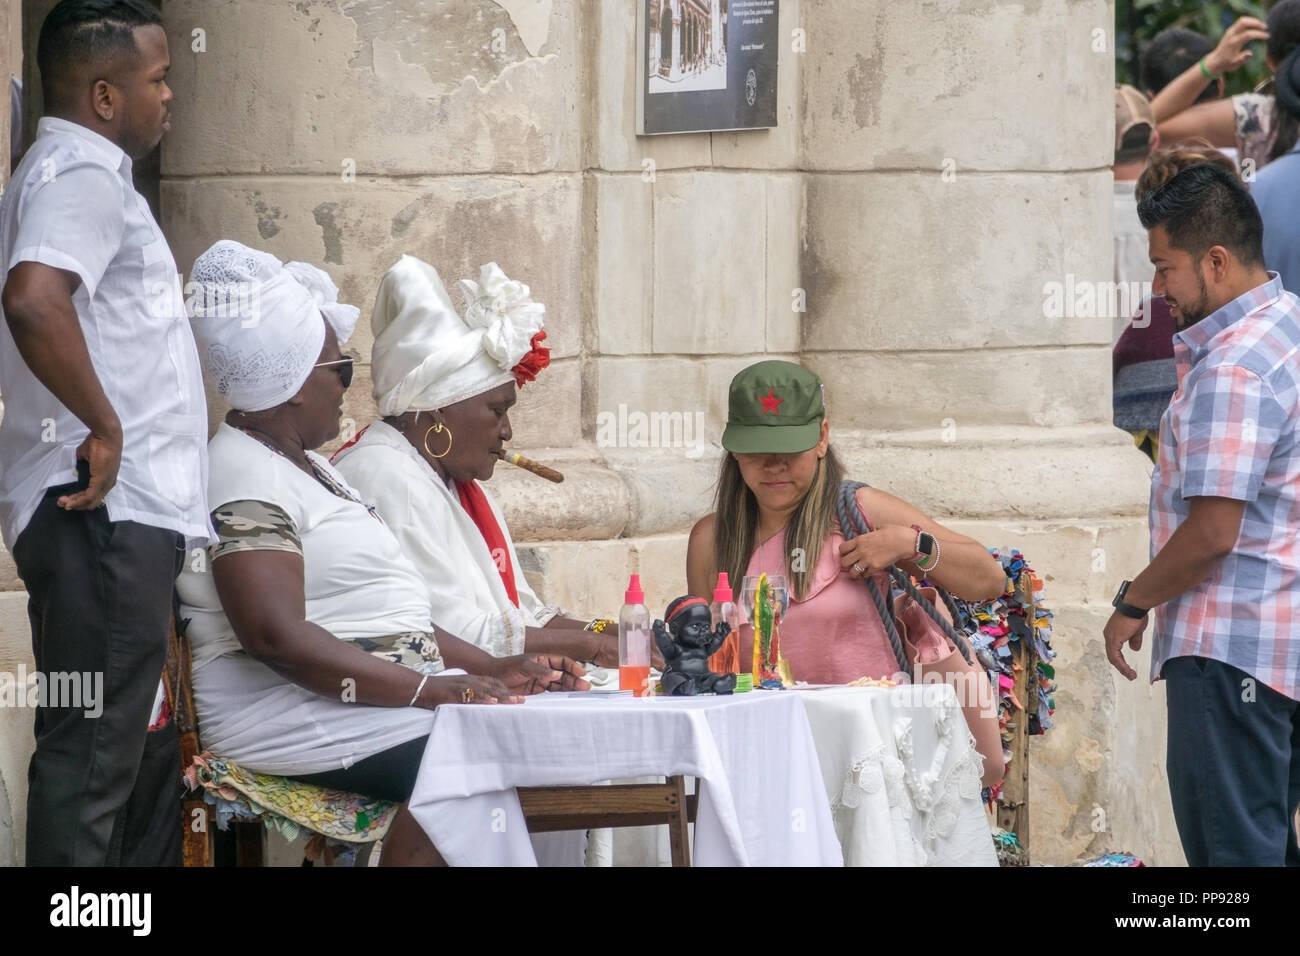 CUB, Kuba, Havanna, 09.03.2018, Volksglauben Santeria, ratsuchende Frau bei einer Sitzung mit zwei Santerias [2018 Christoph Hermann] Stock Photo